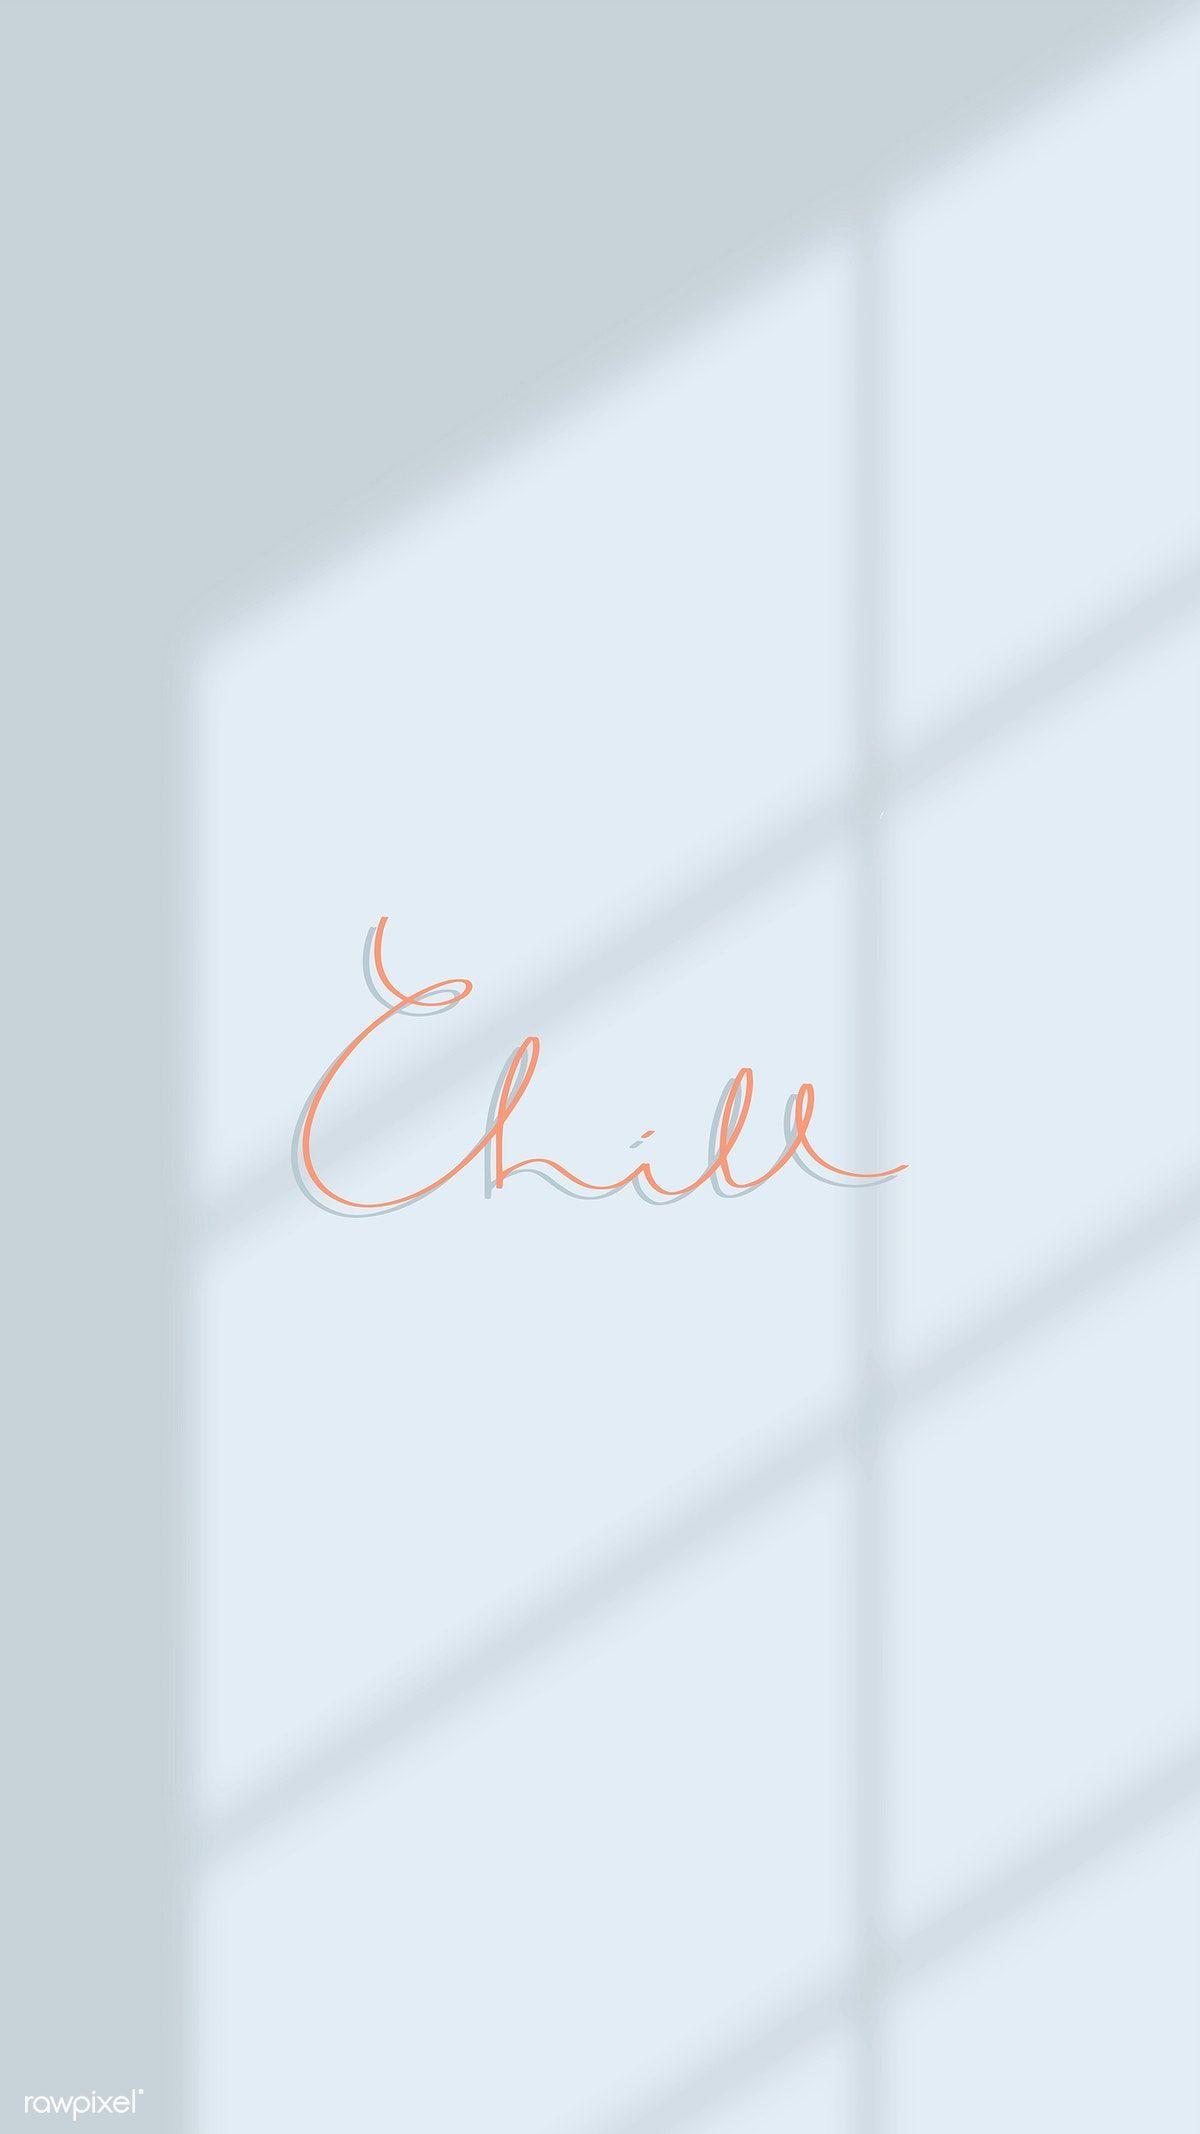 Hent Gratis Vektor Af Chill Typografi Pa En Bla Baggrund Mobil Chill Wallpaper Minimalist Wallpaper Words Wallpaper